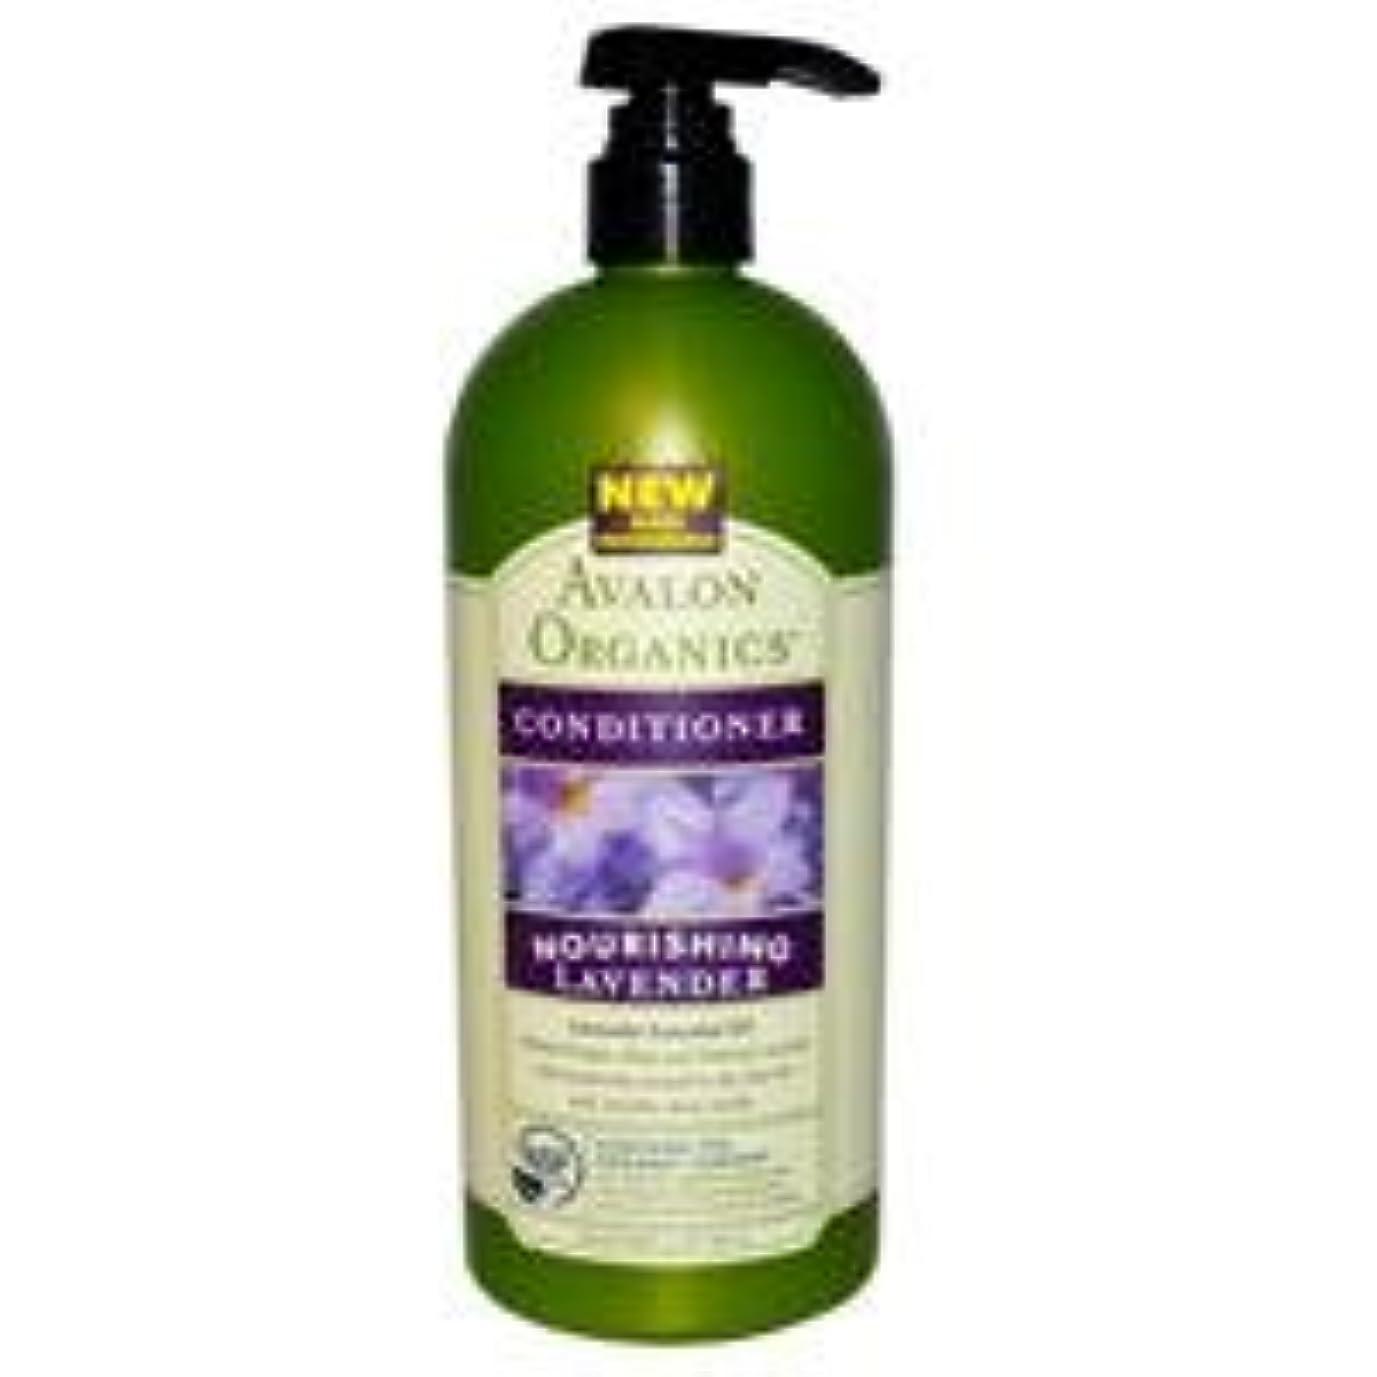 枯渇そこ現代[海外直送品] アバロンオーガニック(Avalon Organics) コンディショナー ラベンダーの香り 907g